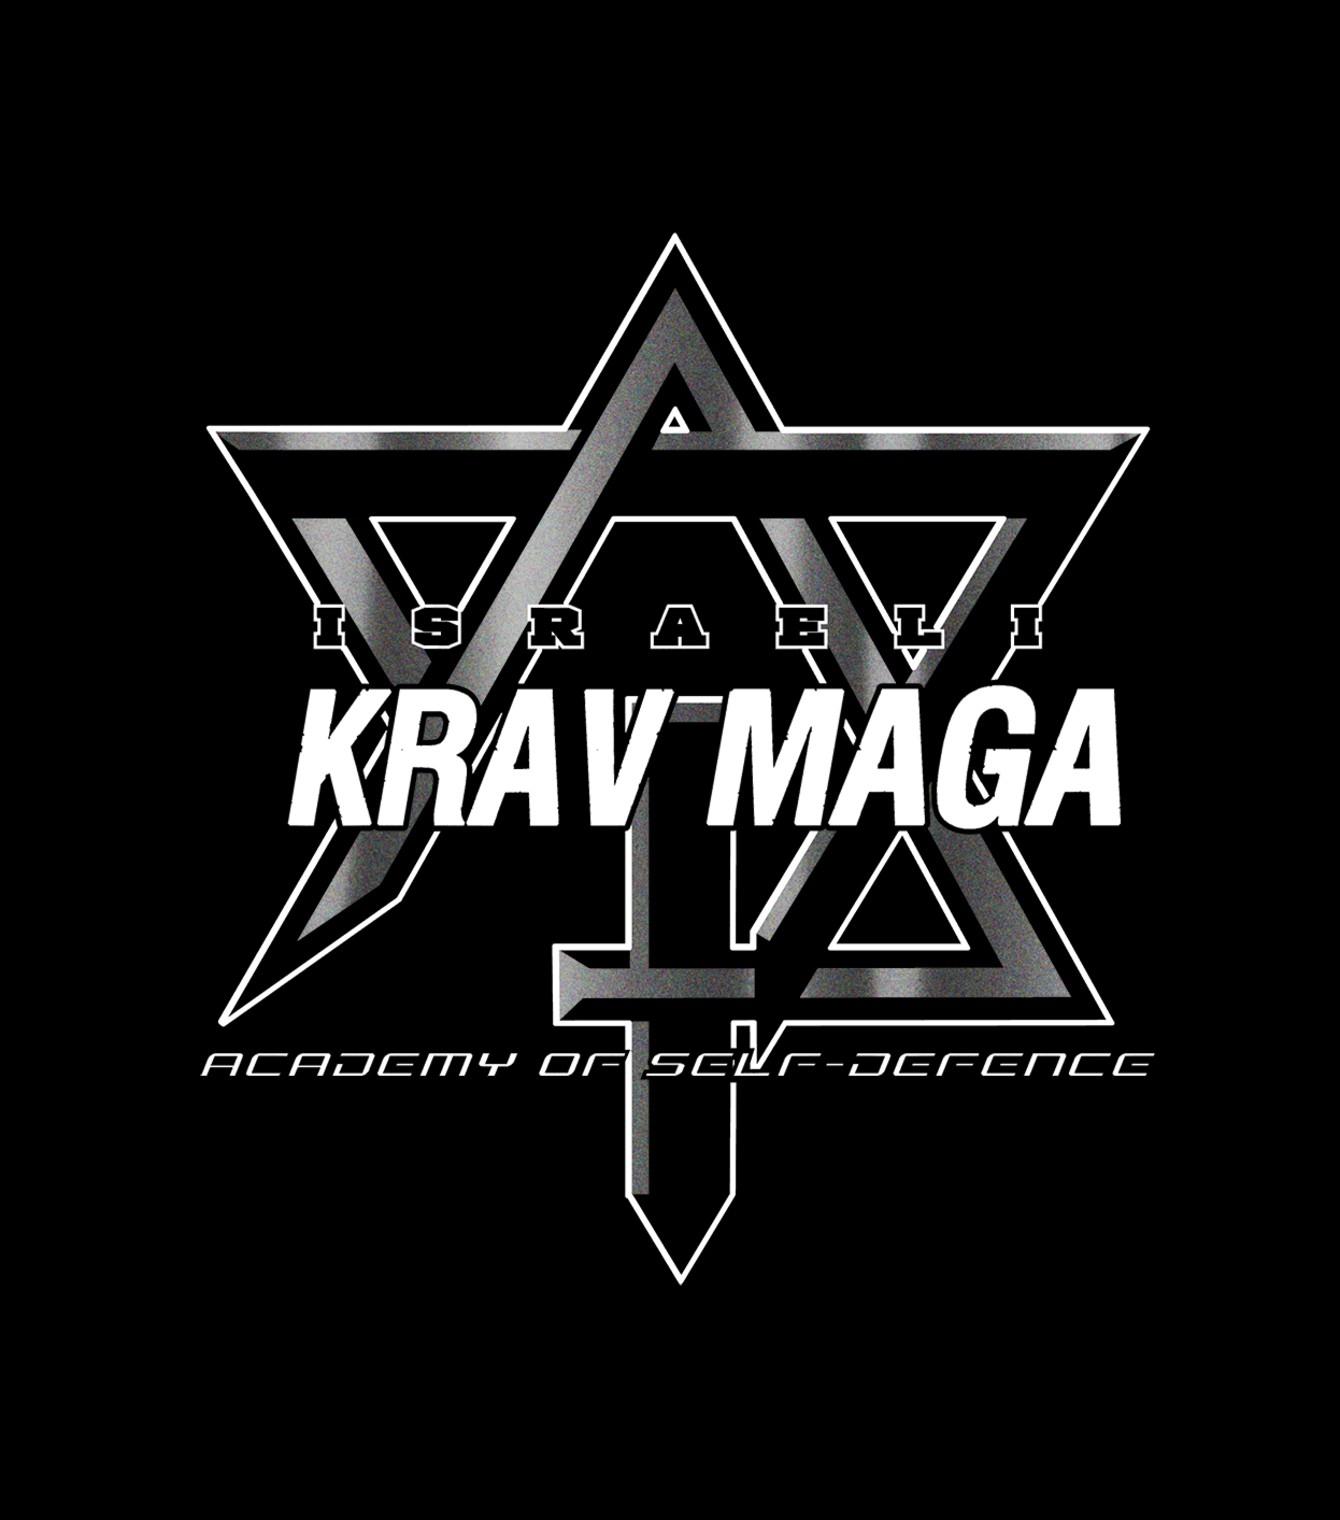 Krav maga shirts israeli t star of david israel krav maga shirt buycottarizona